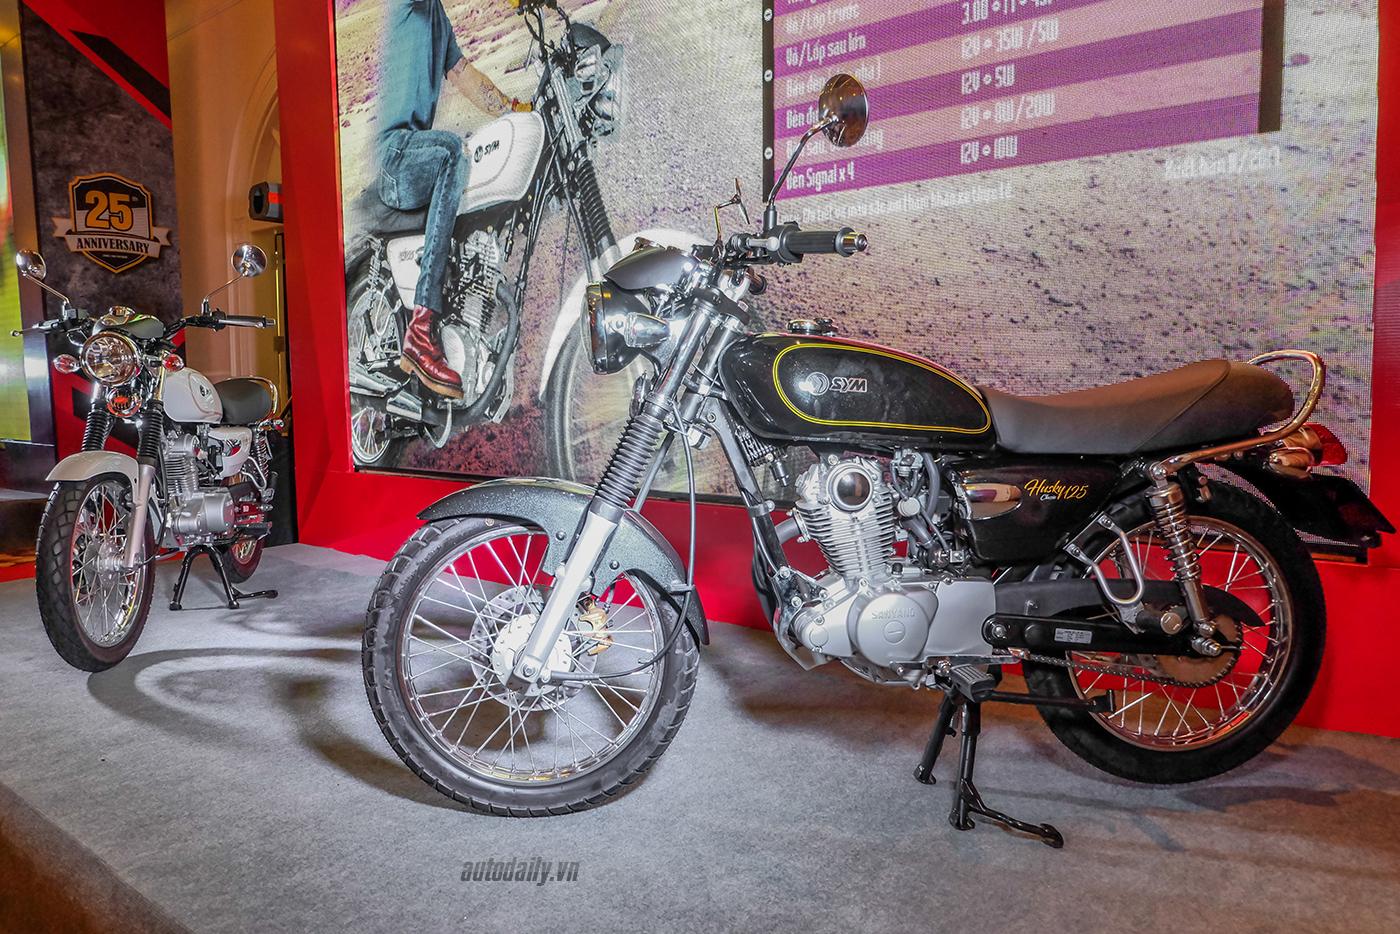 sym-husky-125-classic-24.jpg